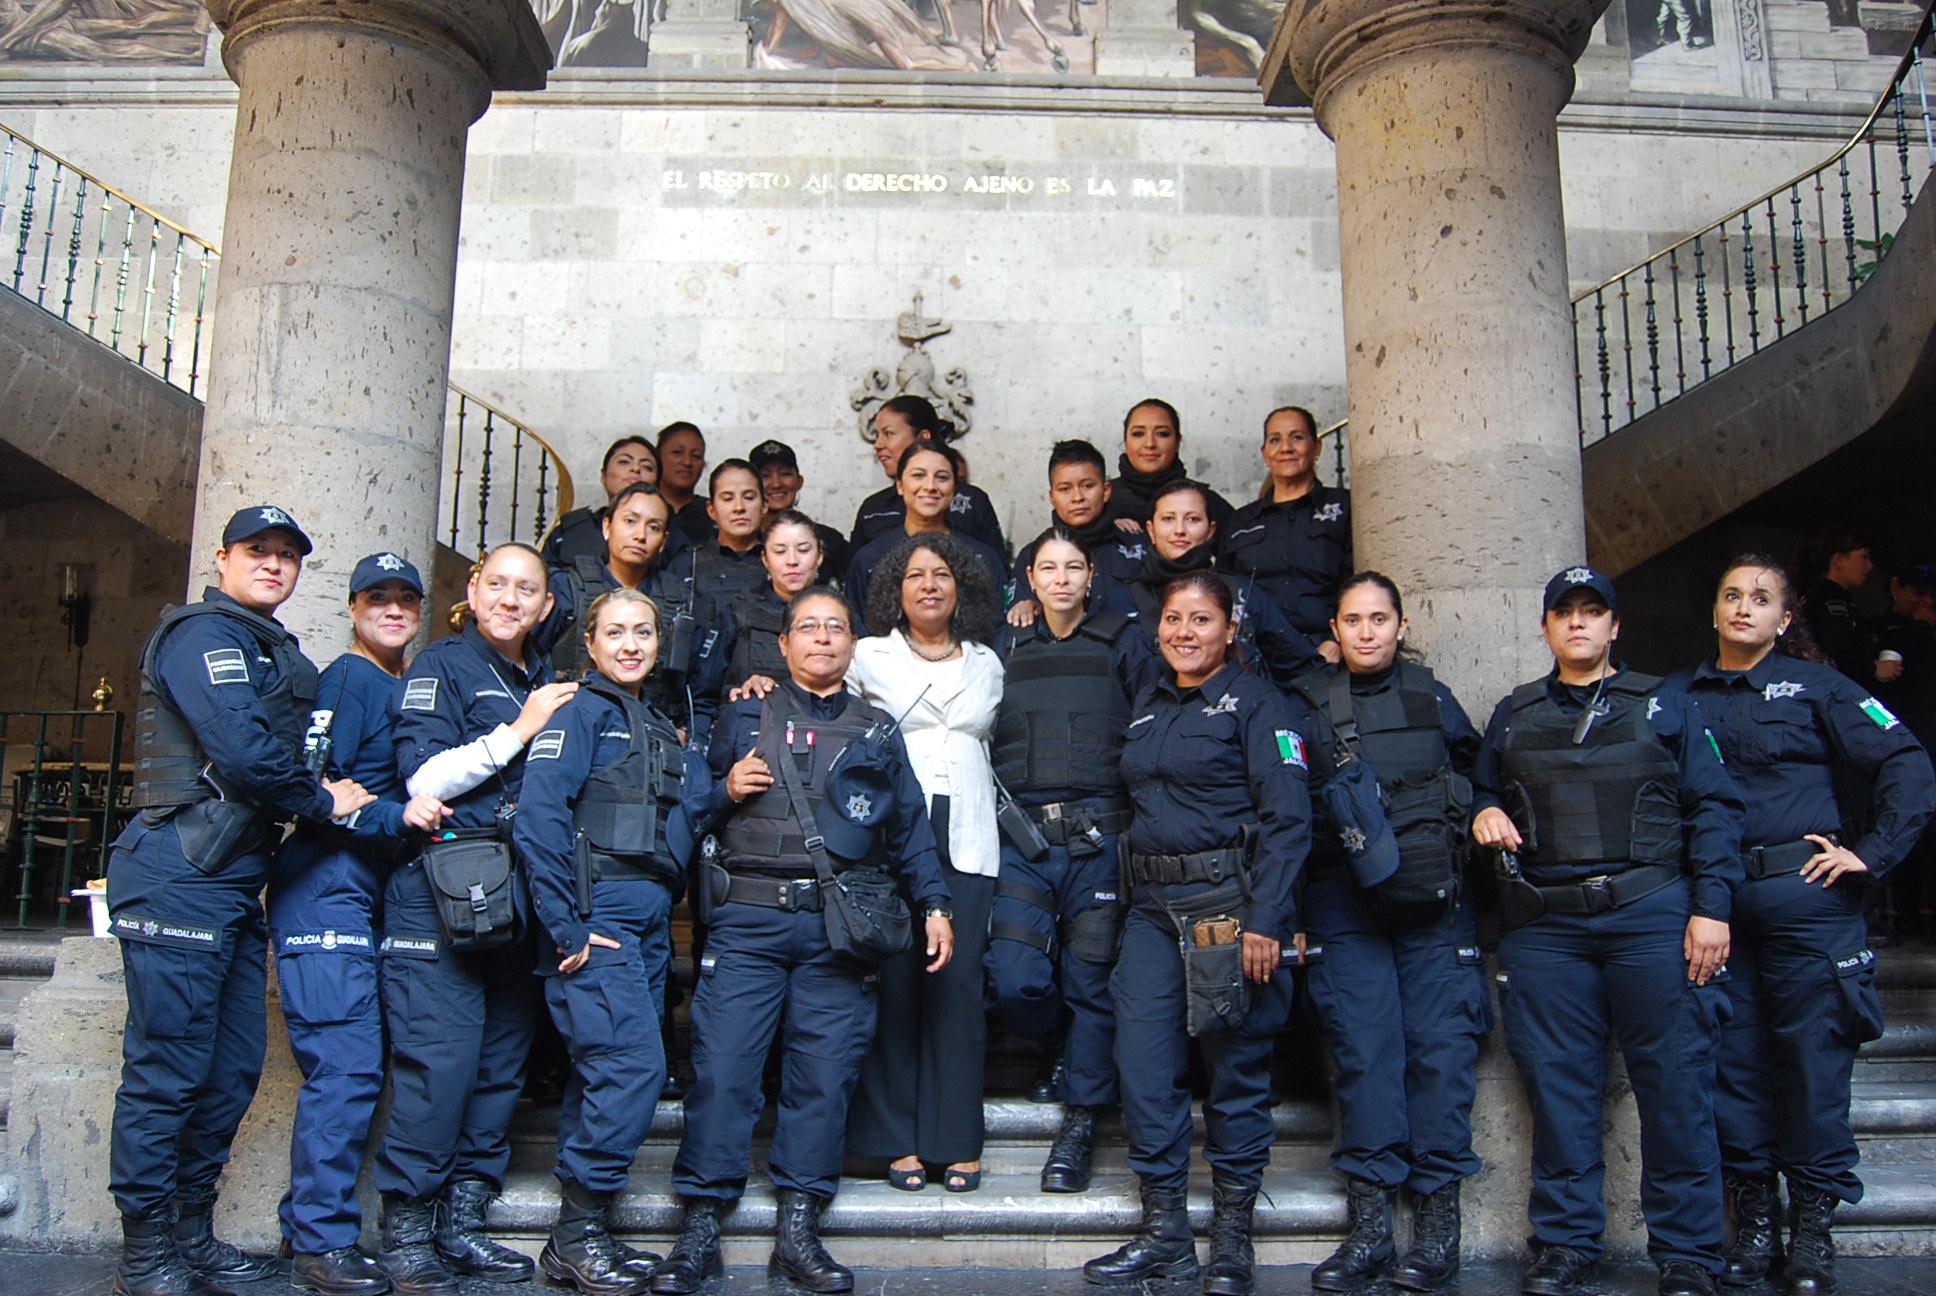 UNA FELICITACIÓN A LOS POLICÍAS EN SU DÍA Y UN LLAMADO A HACER UNA LABOR SOCIAL DE LA SEGURIDAD: DIPUTADA CANDELARIA OCHOA